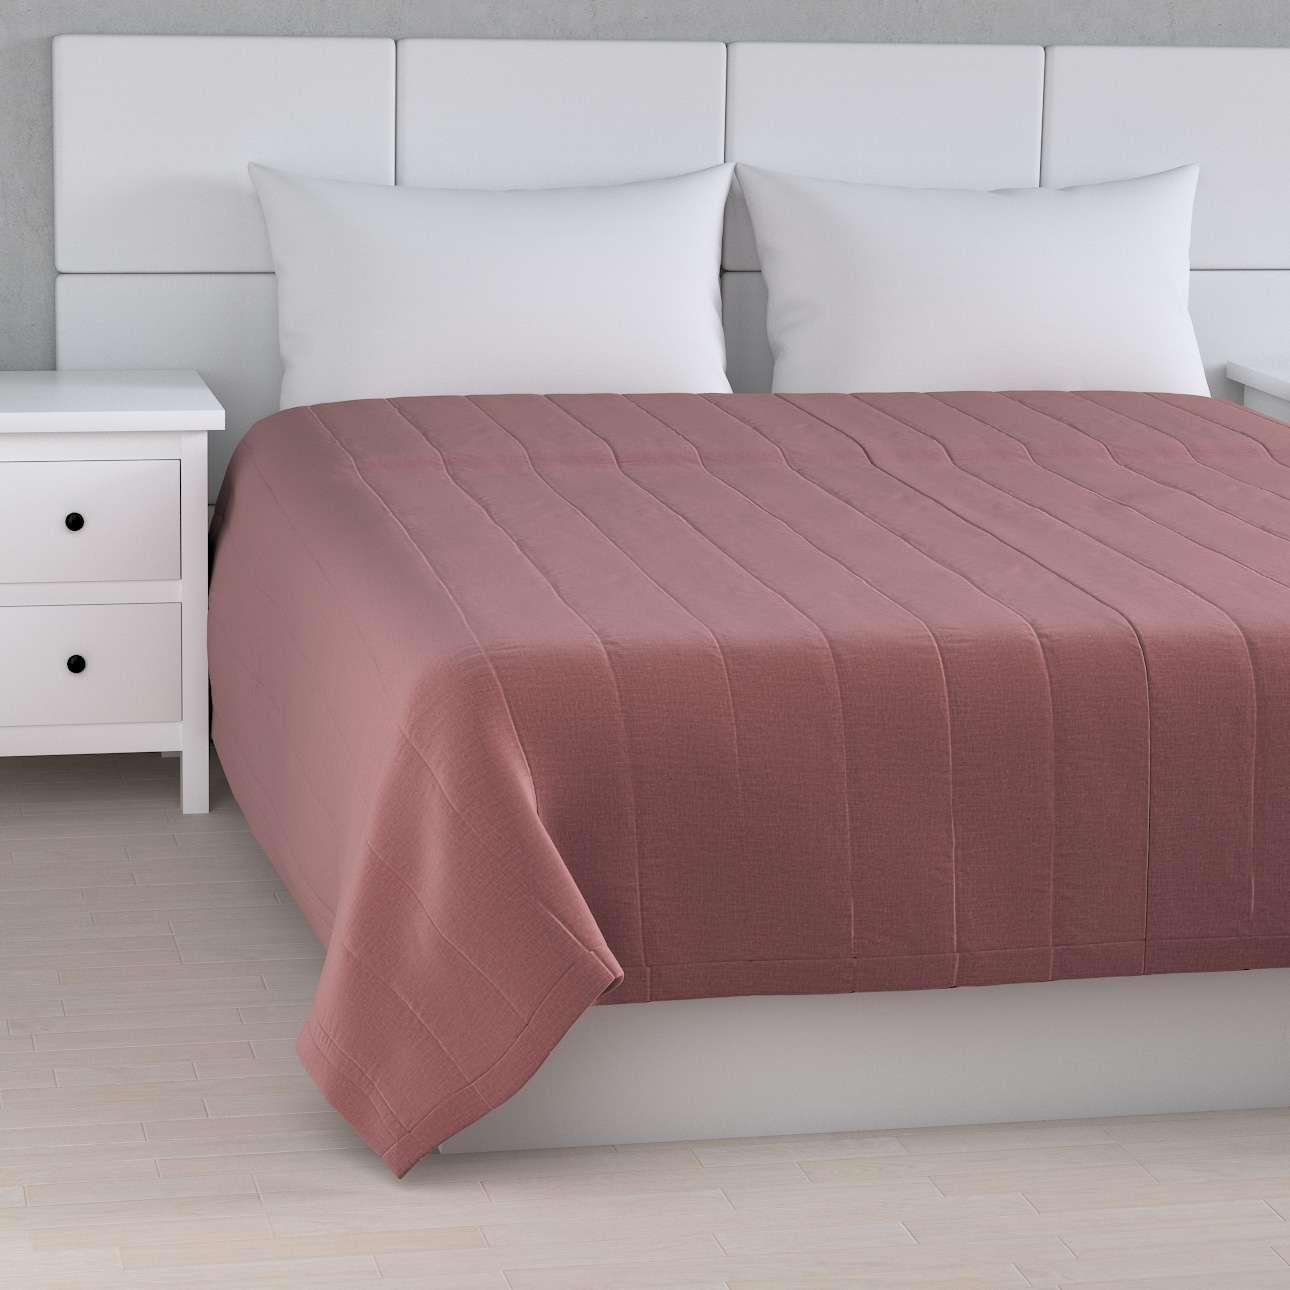 Tagesdecke mit Streifen-Steppung von der Kollektion Ingrid, Stoff: 705-38